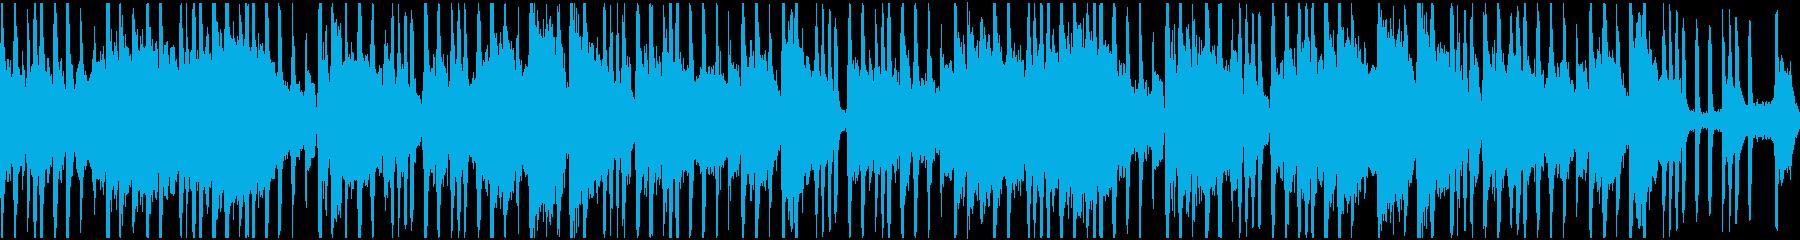 メロウなヒップホップ系ループの再生済みの波形